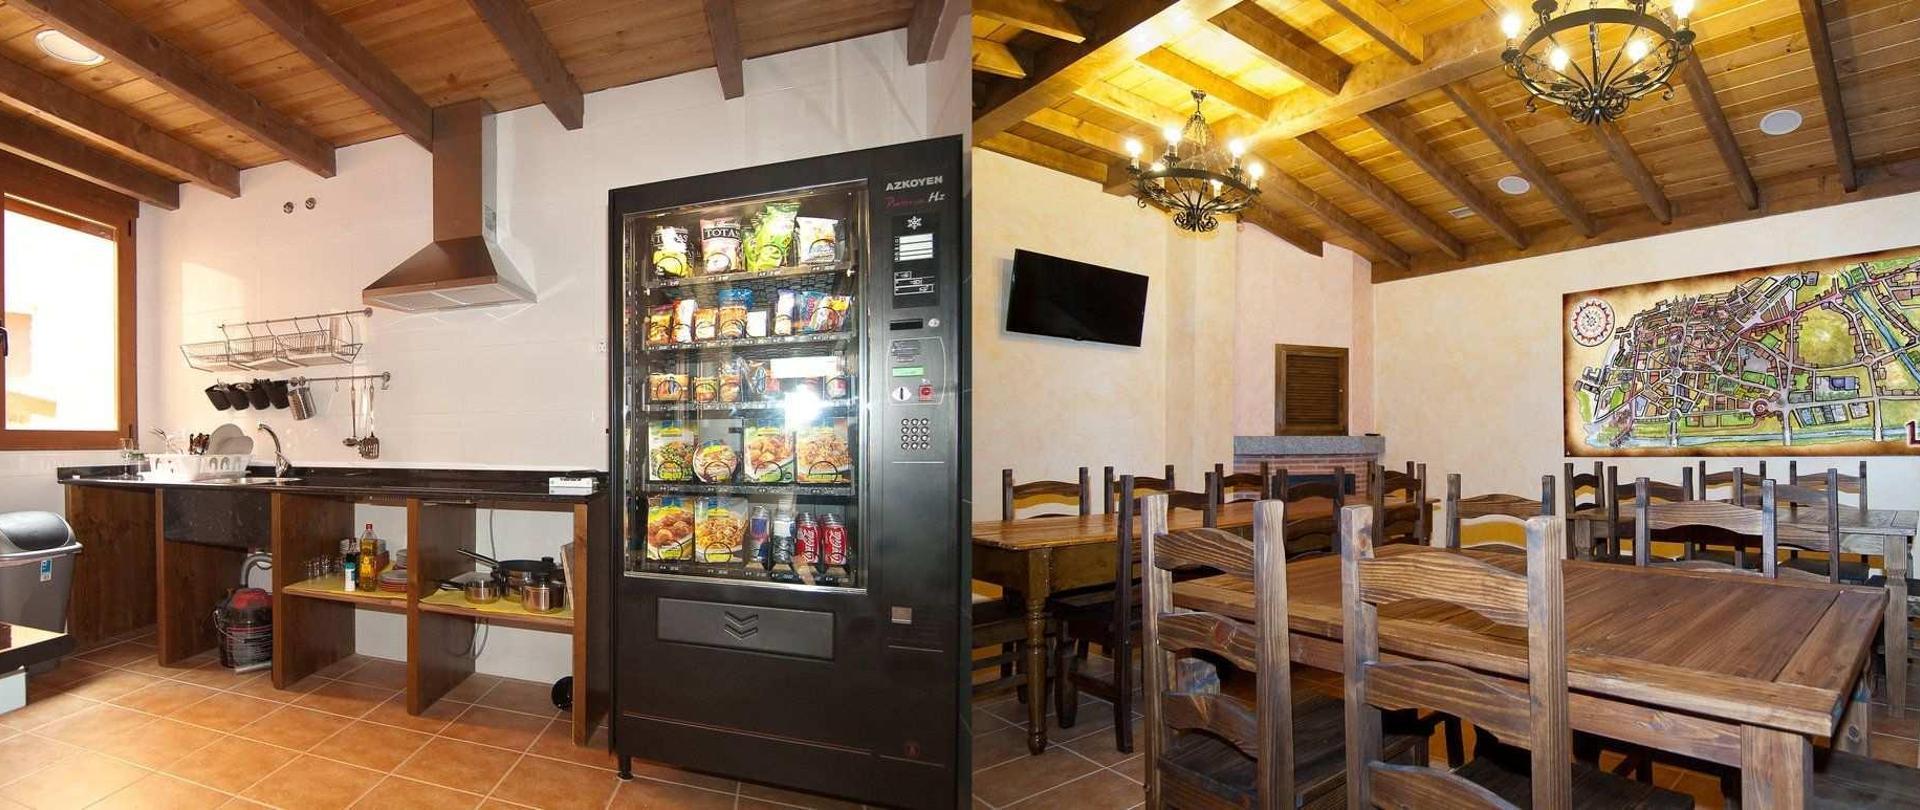 Cocina y salón-comedor.jpg